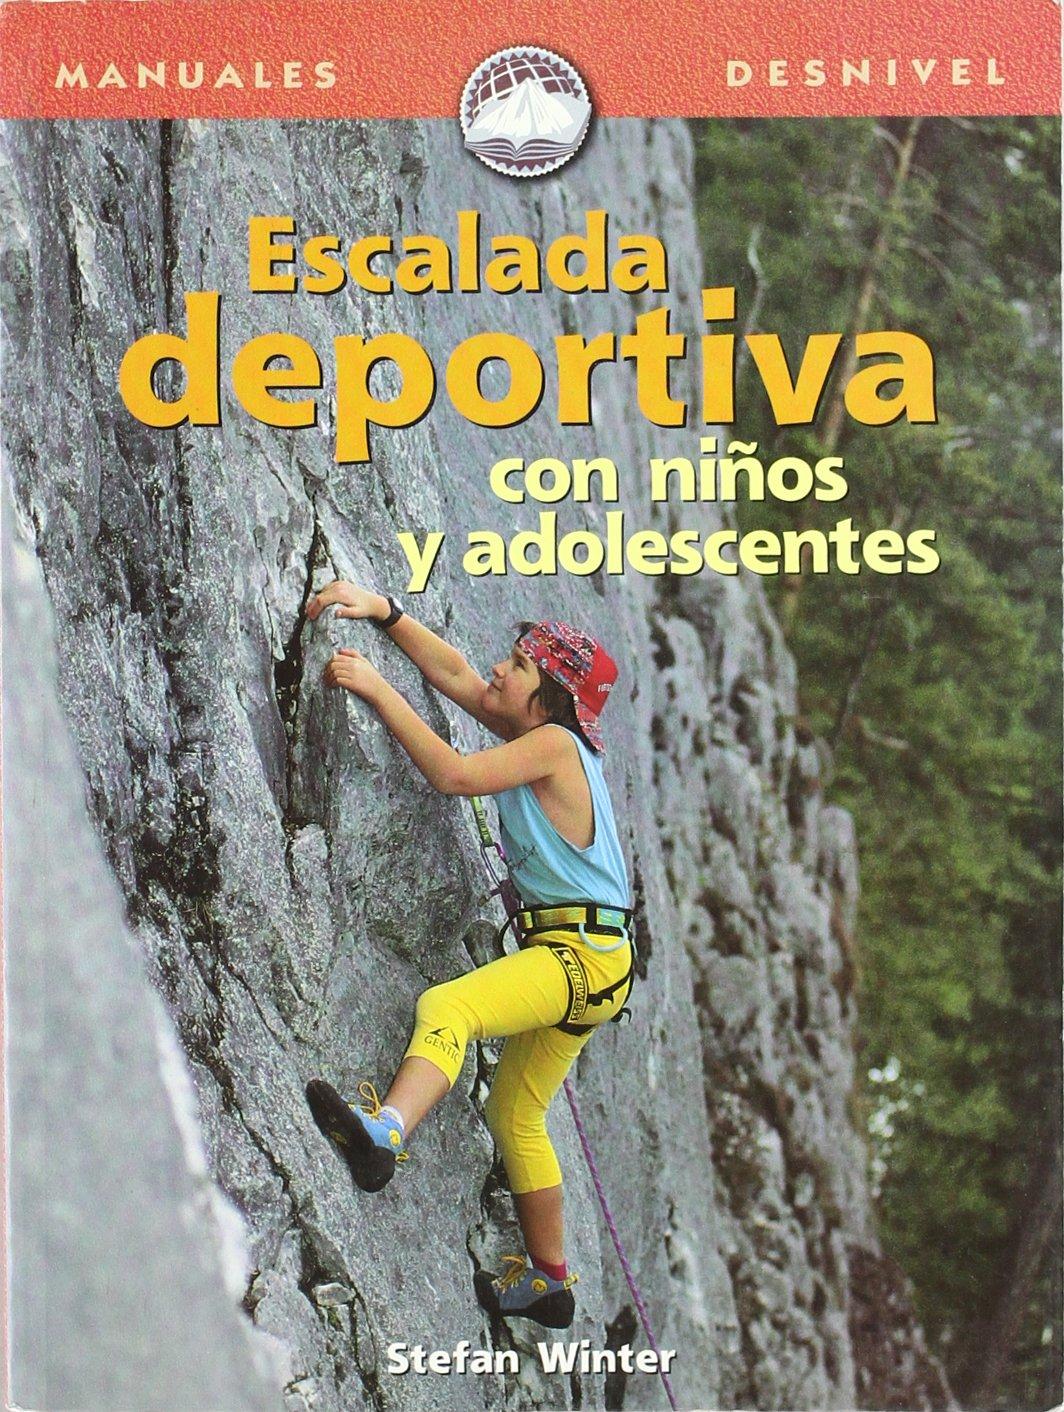 Escalada deportiva con niños y adolescentes (Manuales (desnivel))